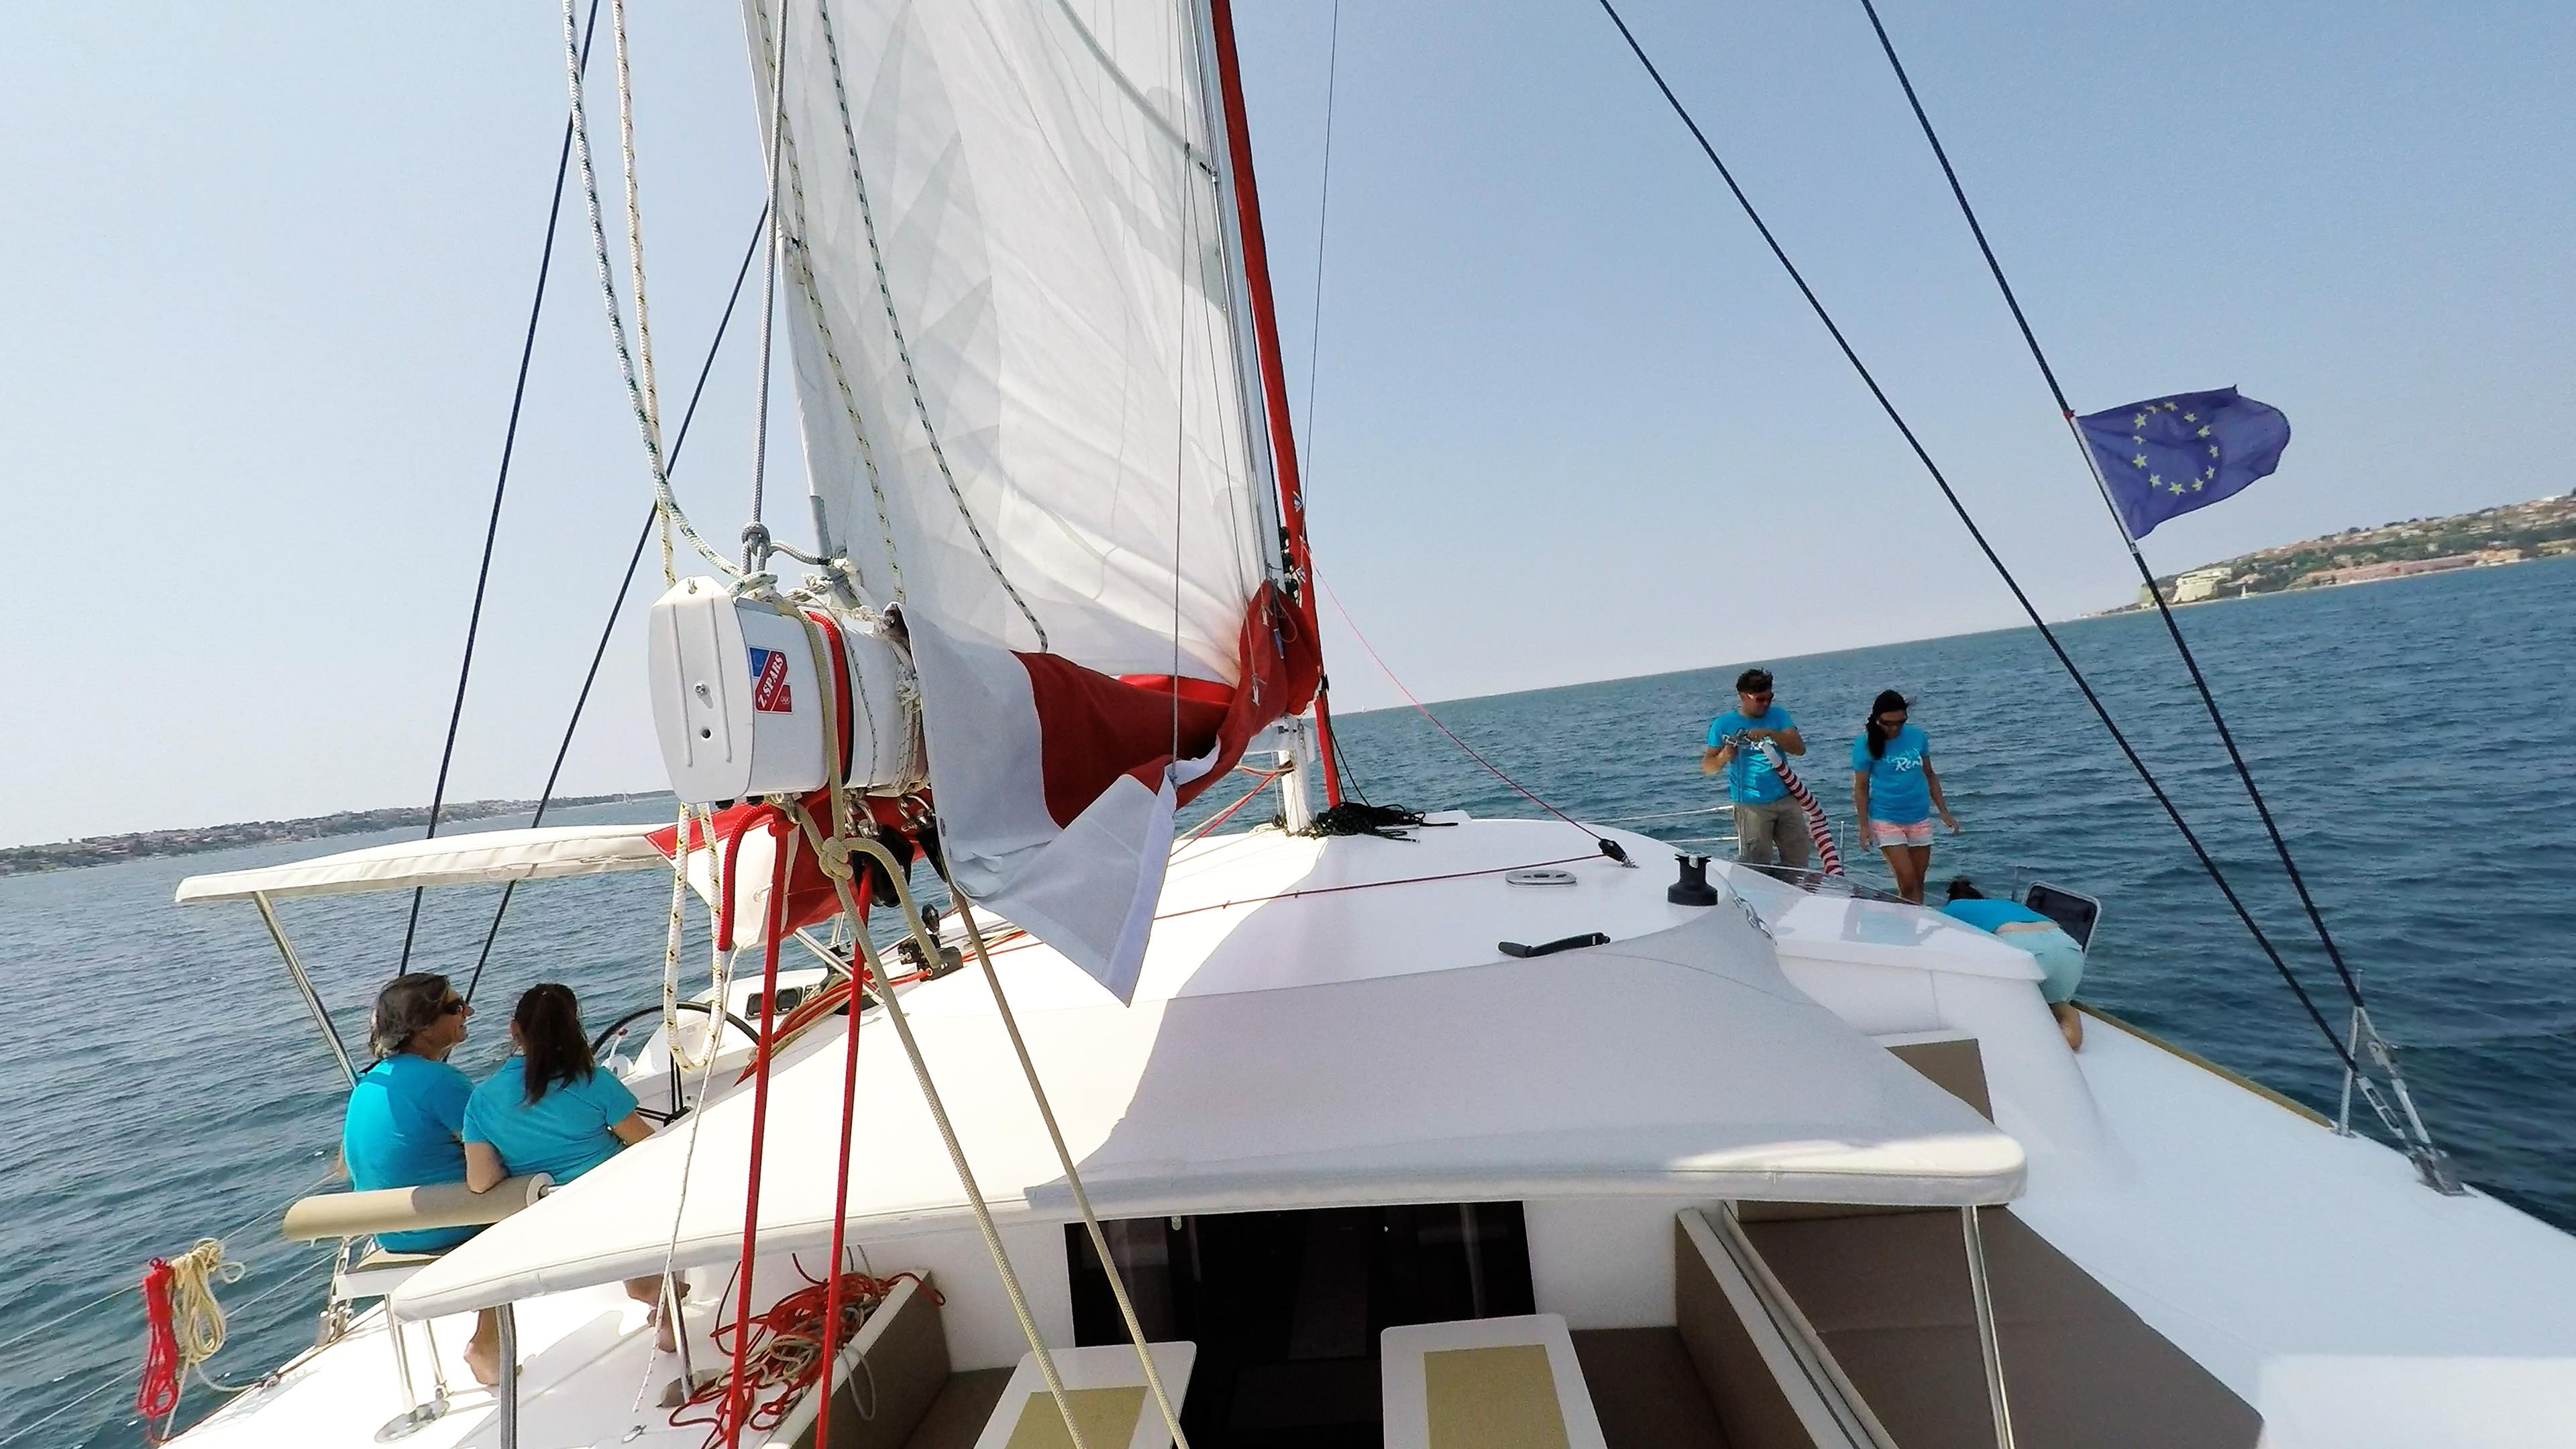 equipaggio sul coperta di multiscafo a vela neel 45